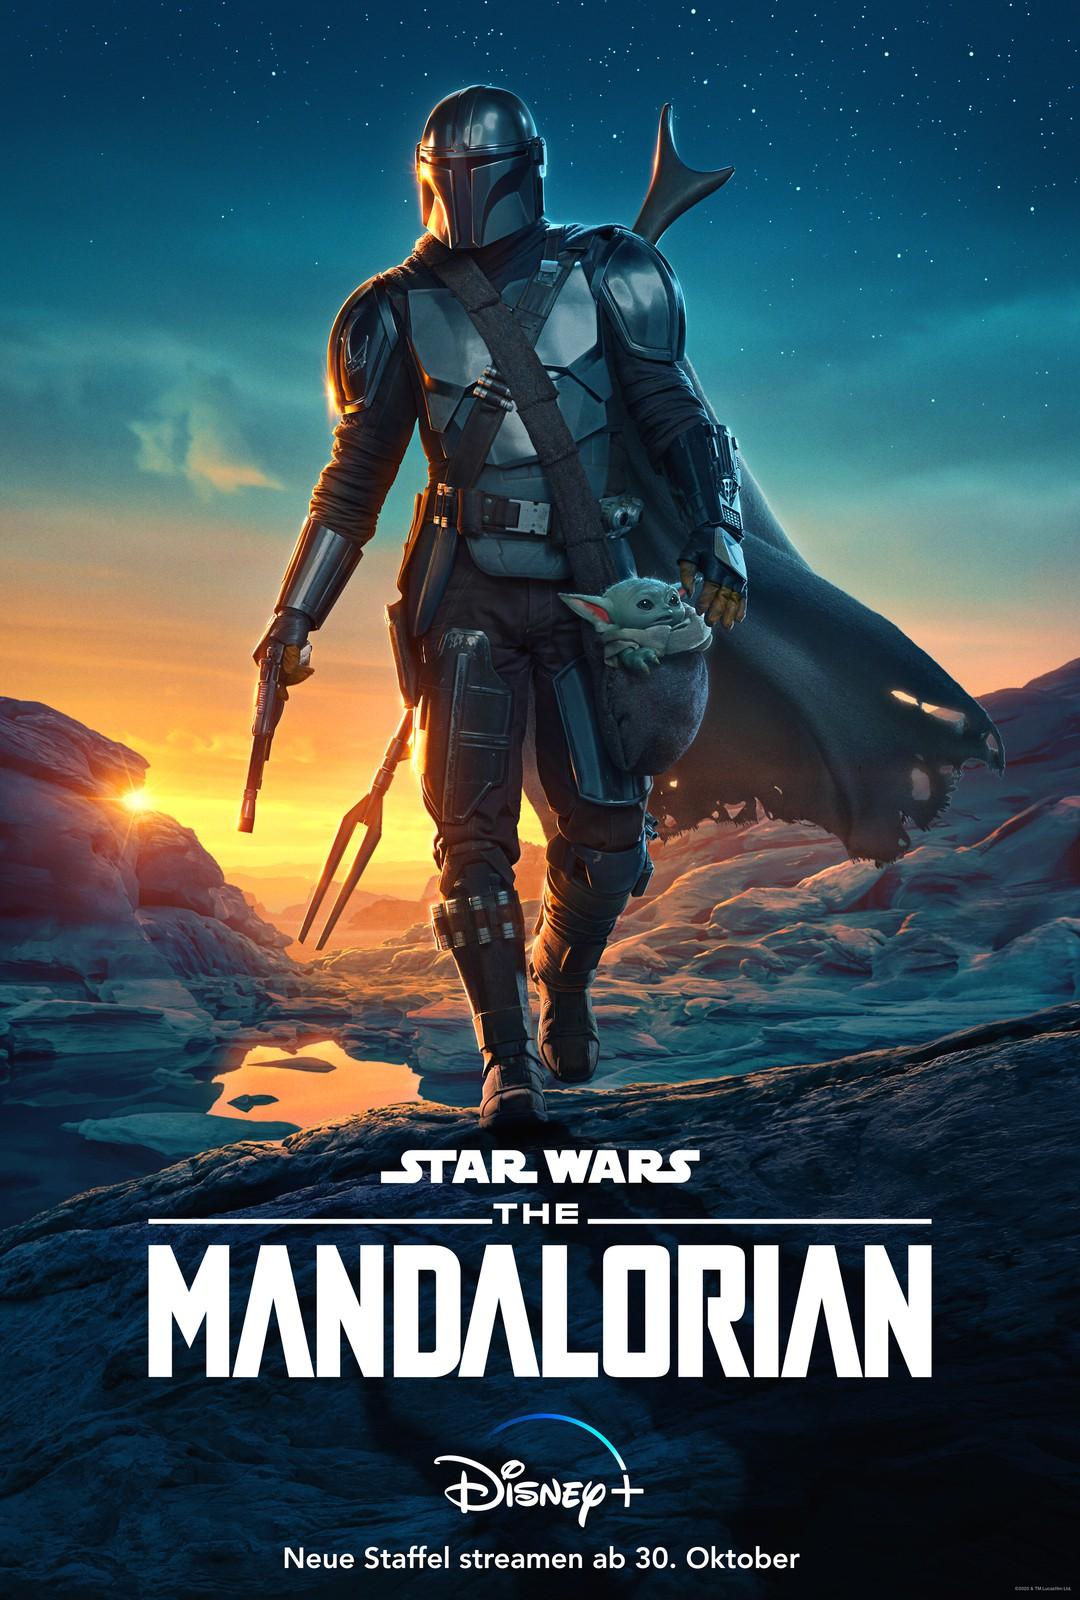 The Mandalorian: Neue Poster zu Staffel 2 zeigen Hauptfiguren - Bild 1 von 6